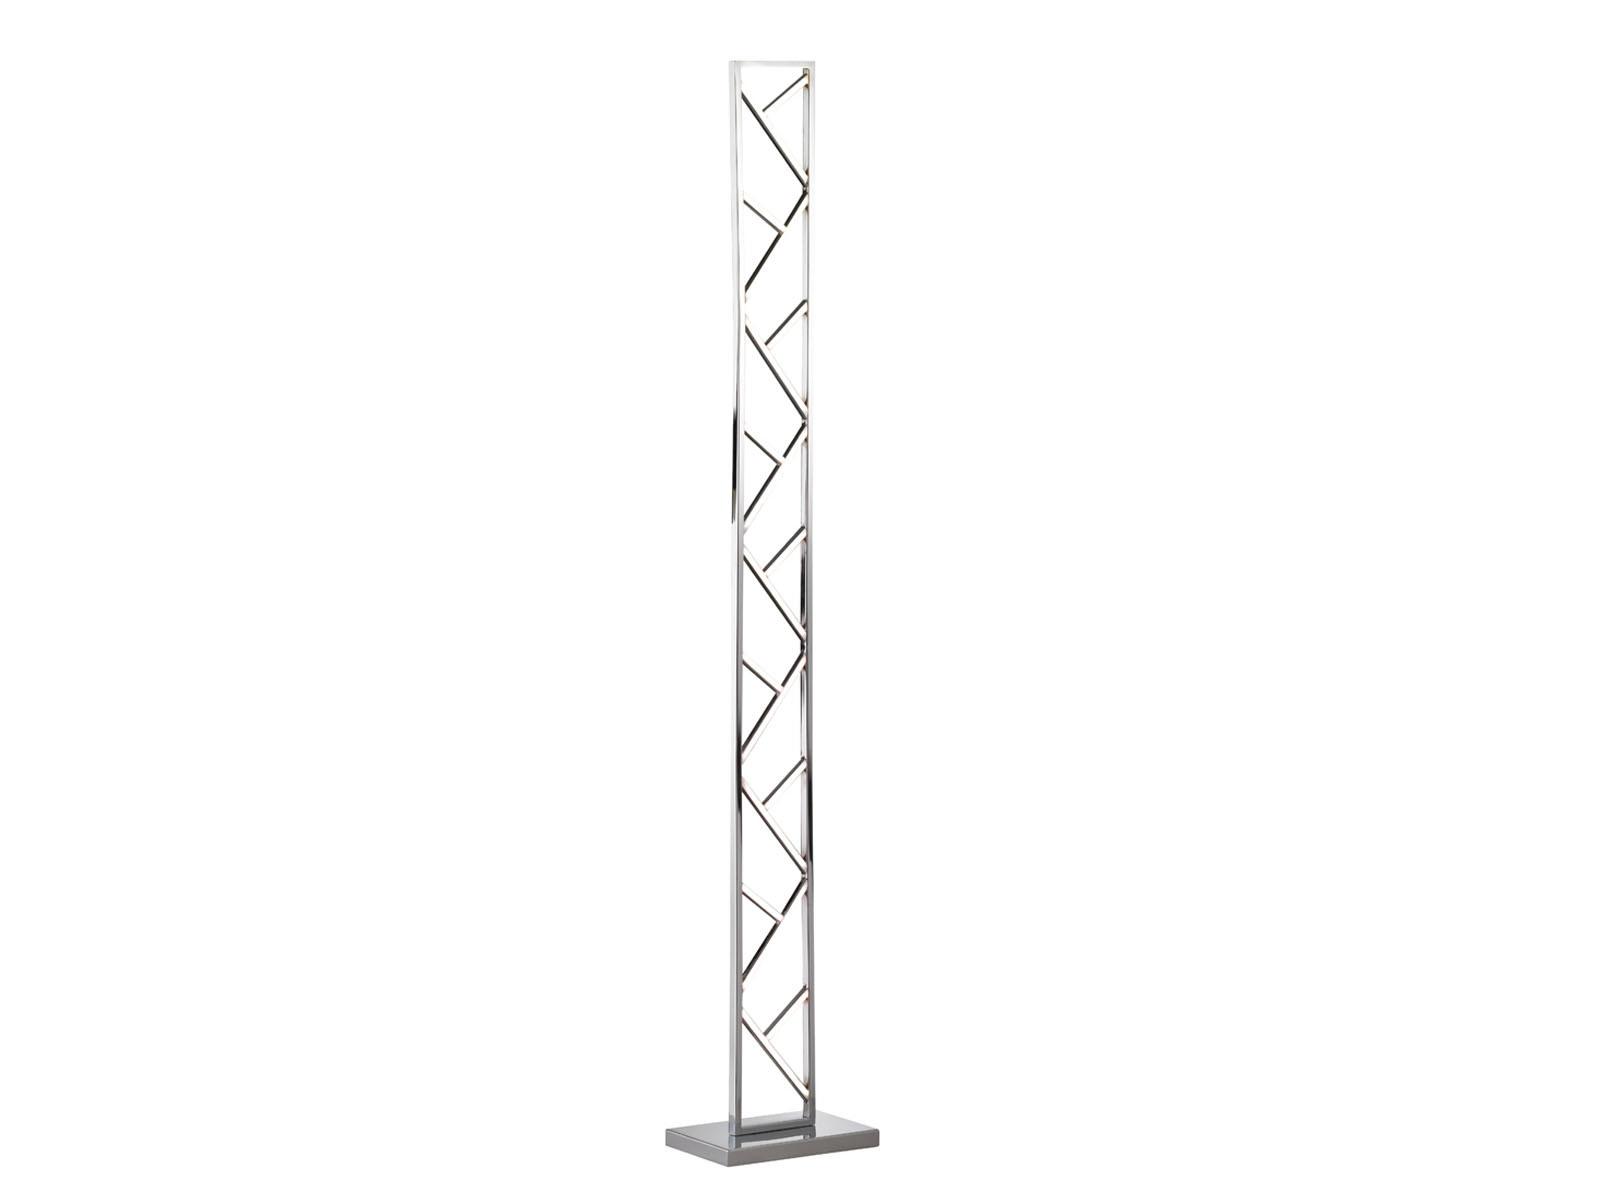 LED Stand Lampada in argentoo, altezza 130cm, design PIANTANA LAMPADA LAMPADA LAMPADA PIANTANA LAMPADE soggiorno e3bee8